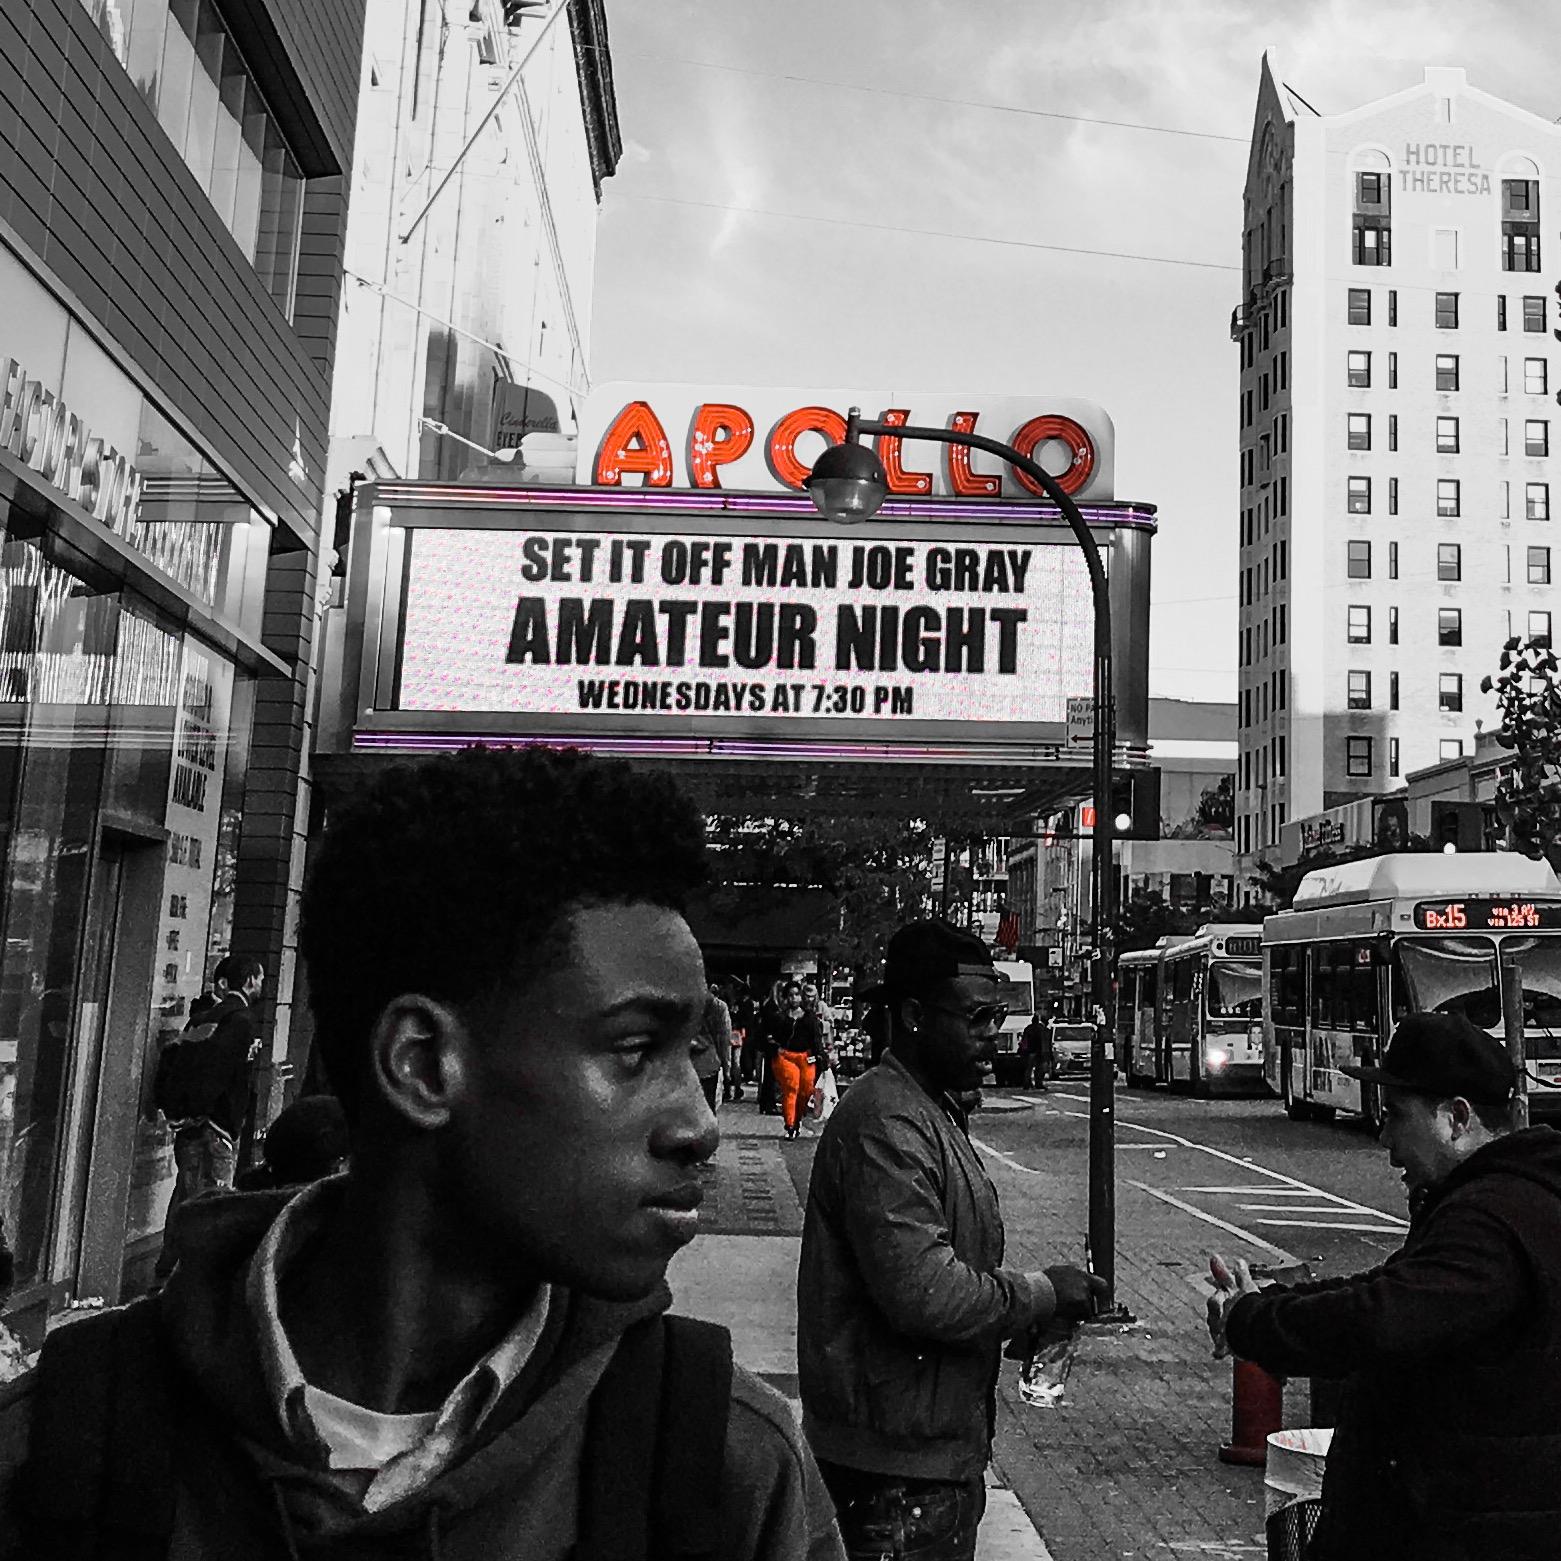 Apollo Amateur Night street scene 2015